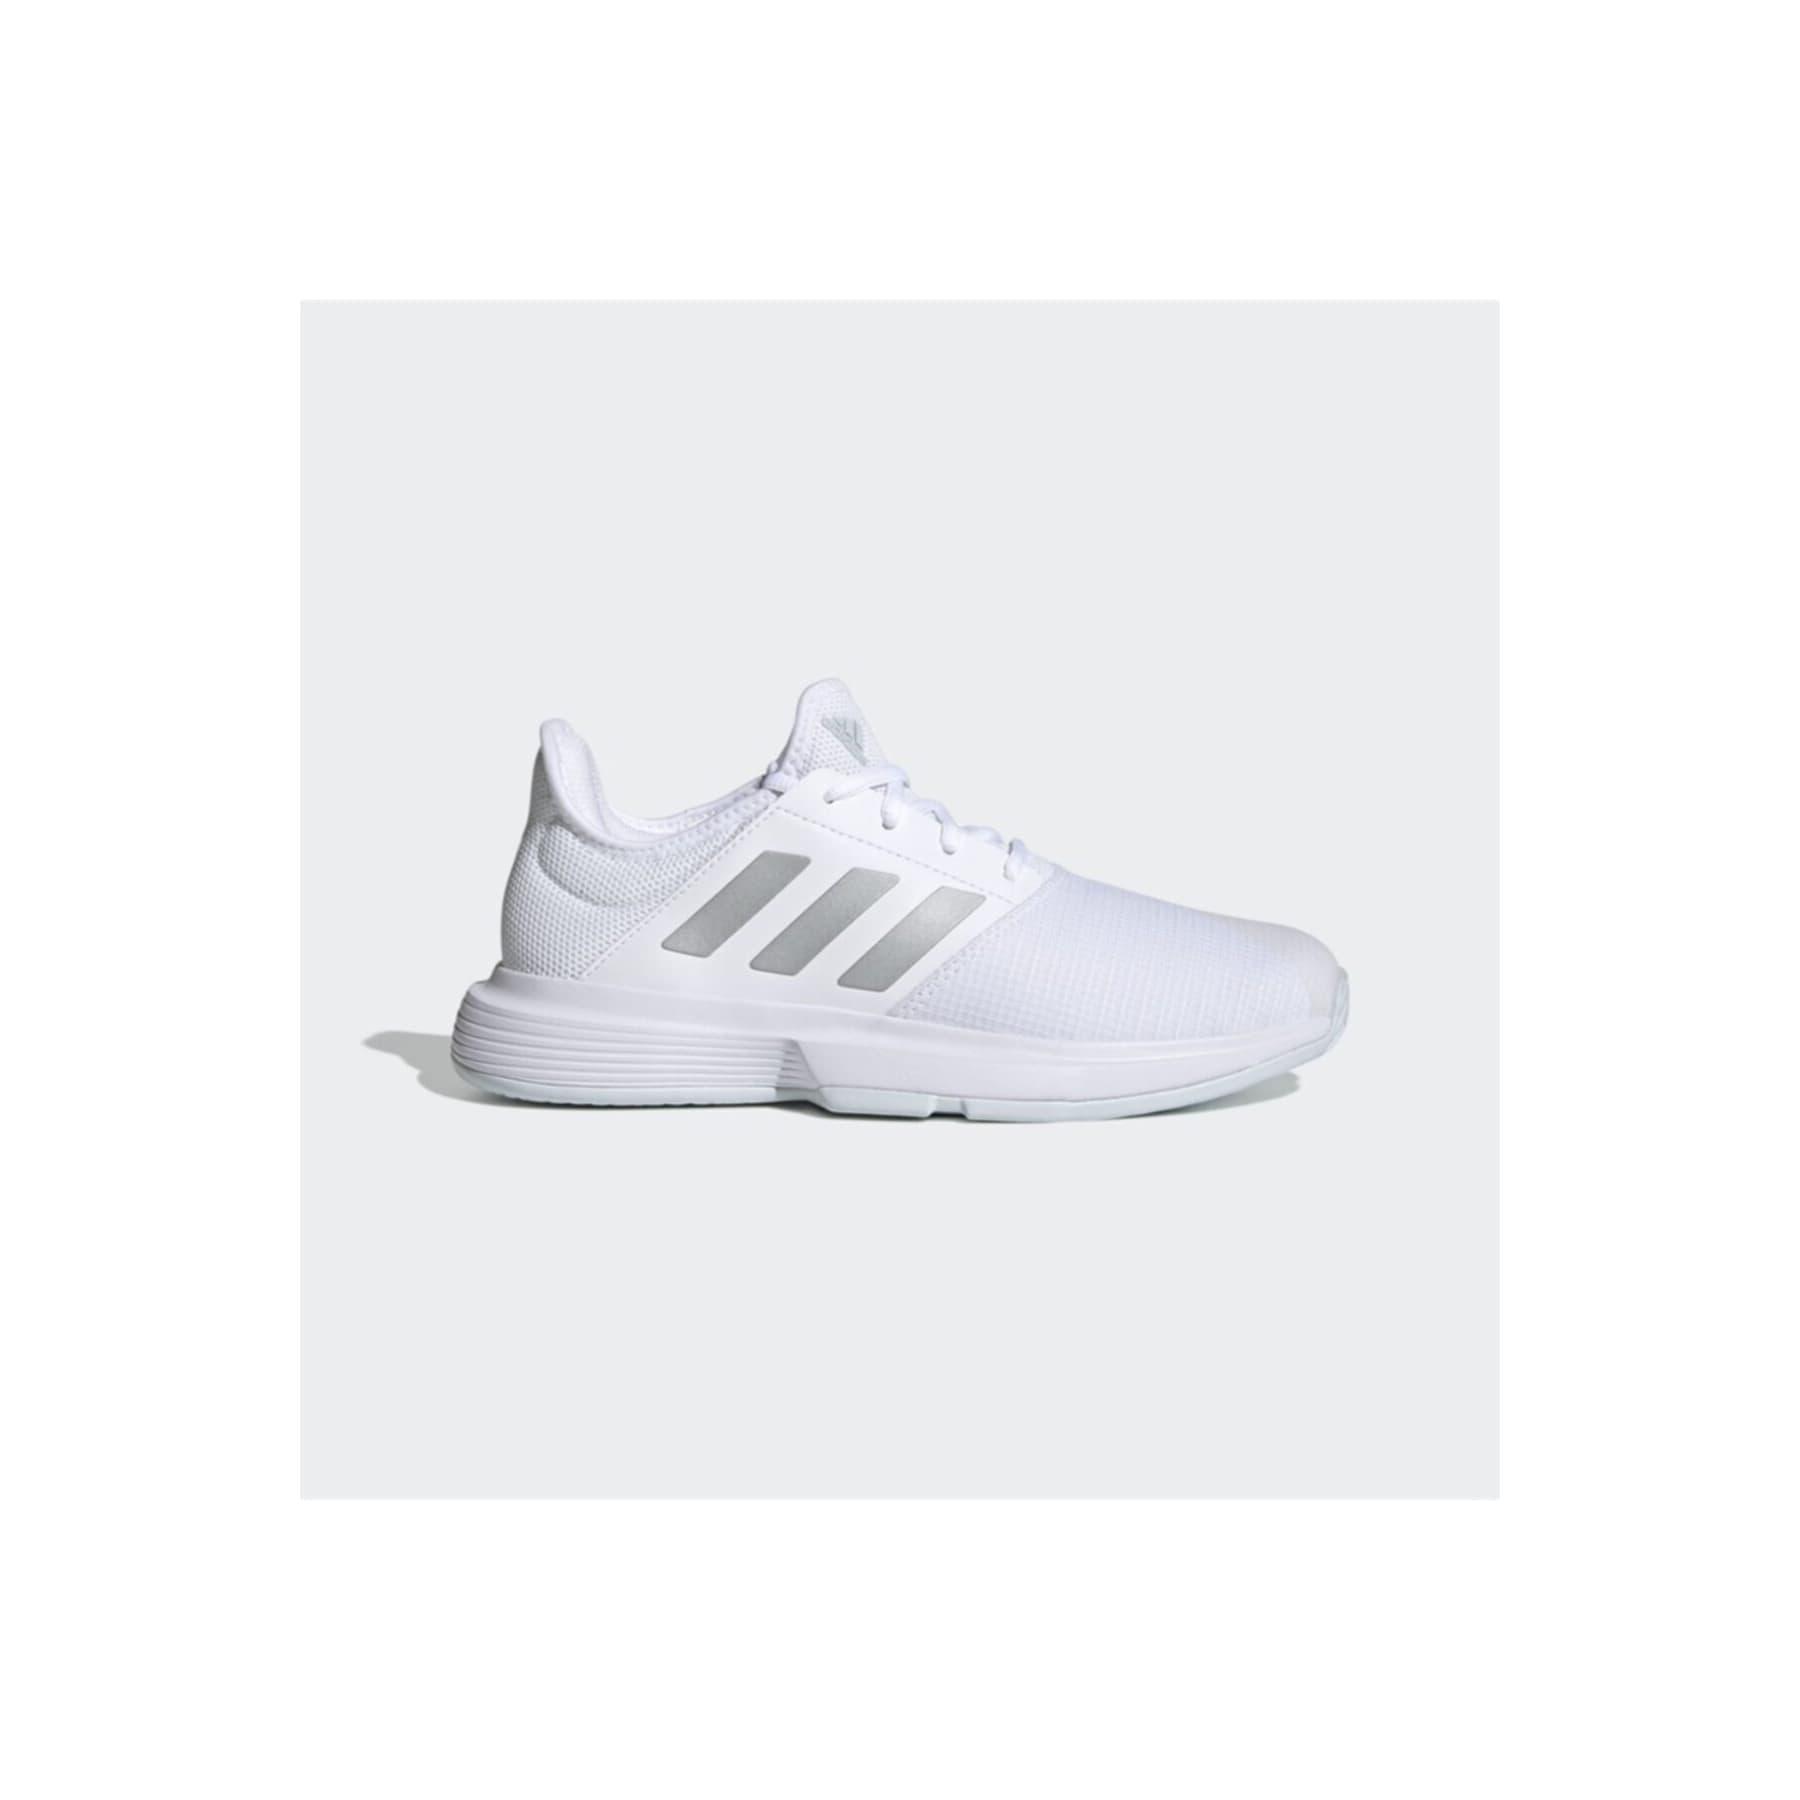 GameCourt Kadın Beyaz Tenis Ayakkabısı (FX1558)